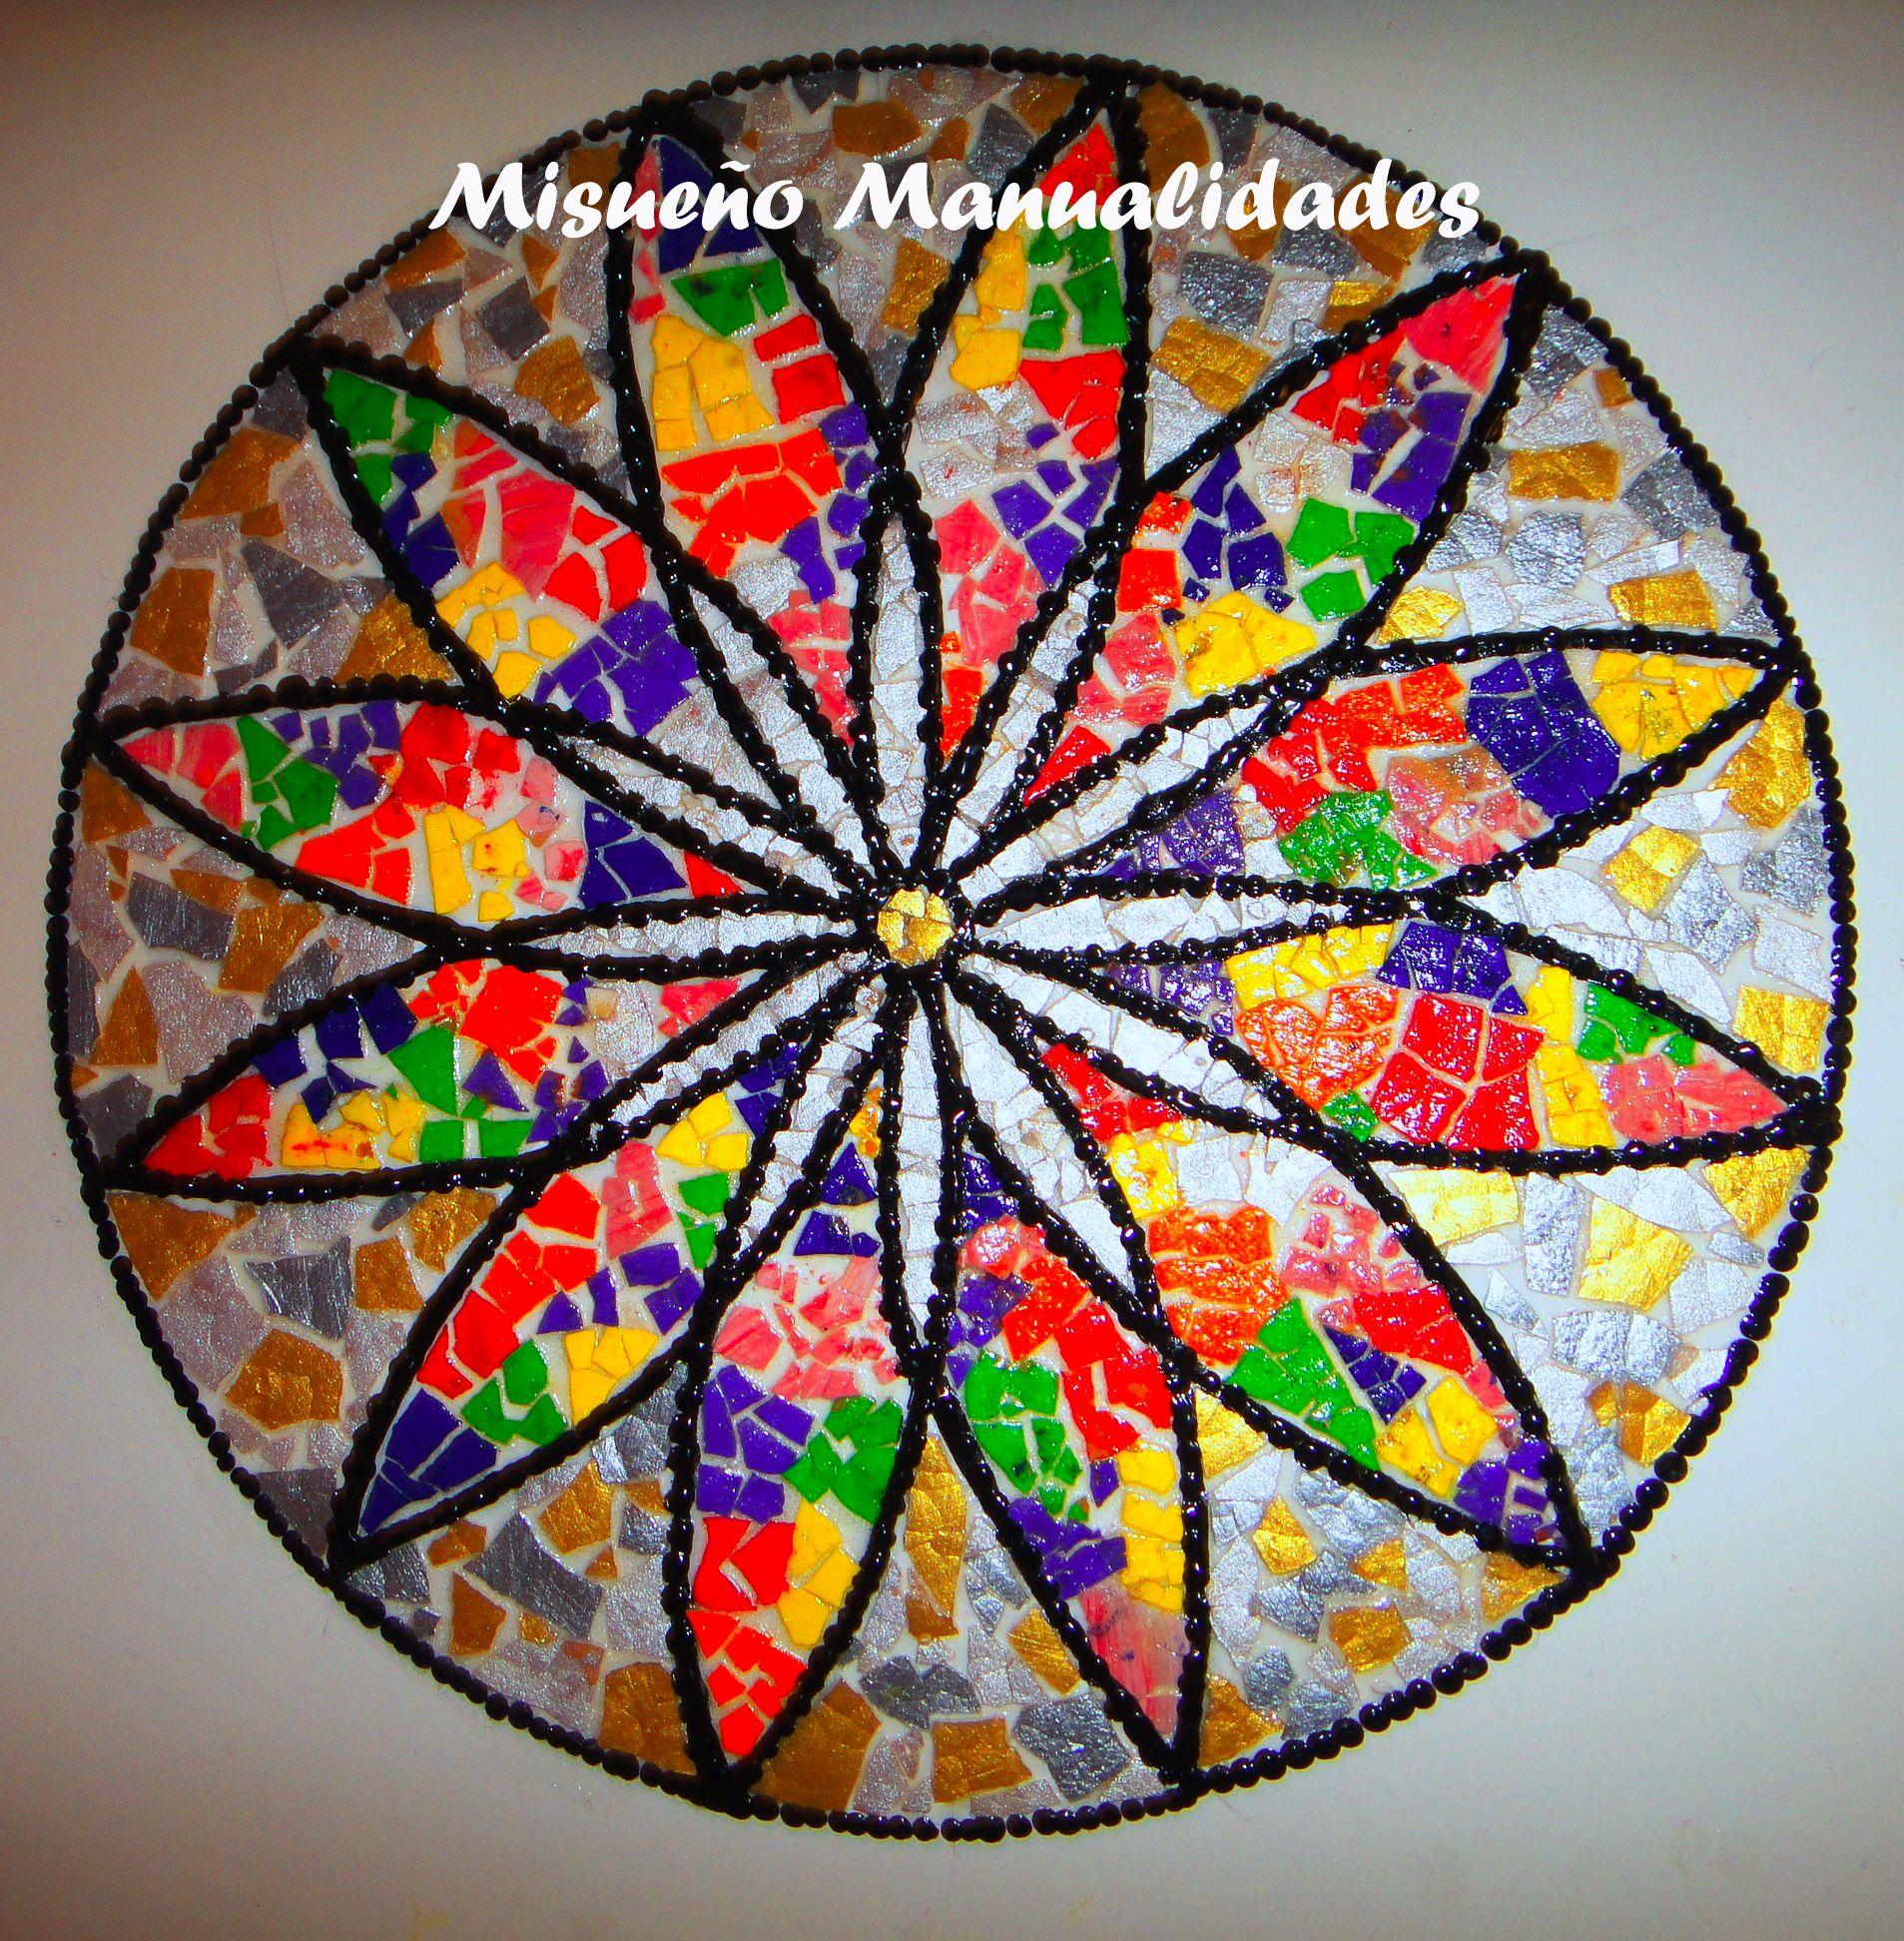 Taller mosaico con c scara de huevo - Manualidades para adultos ...